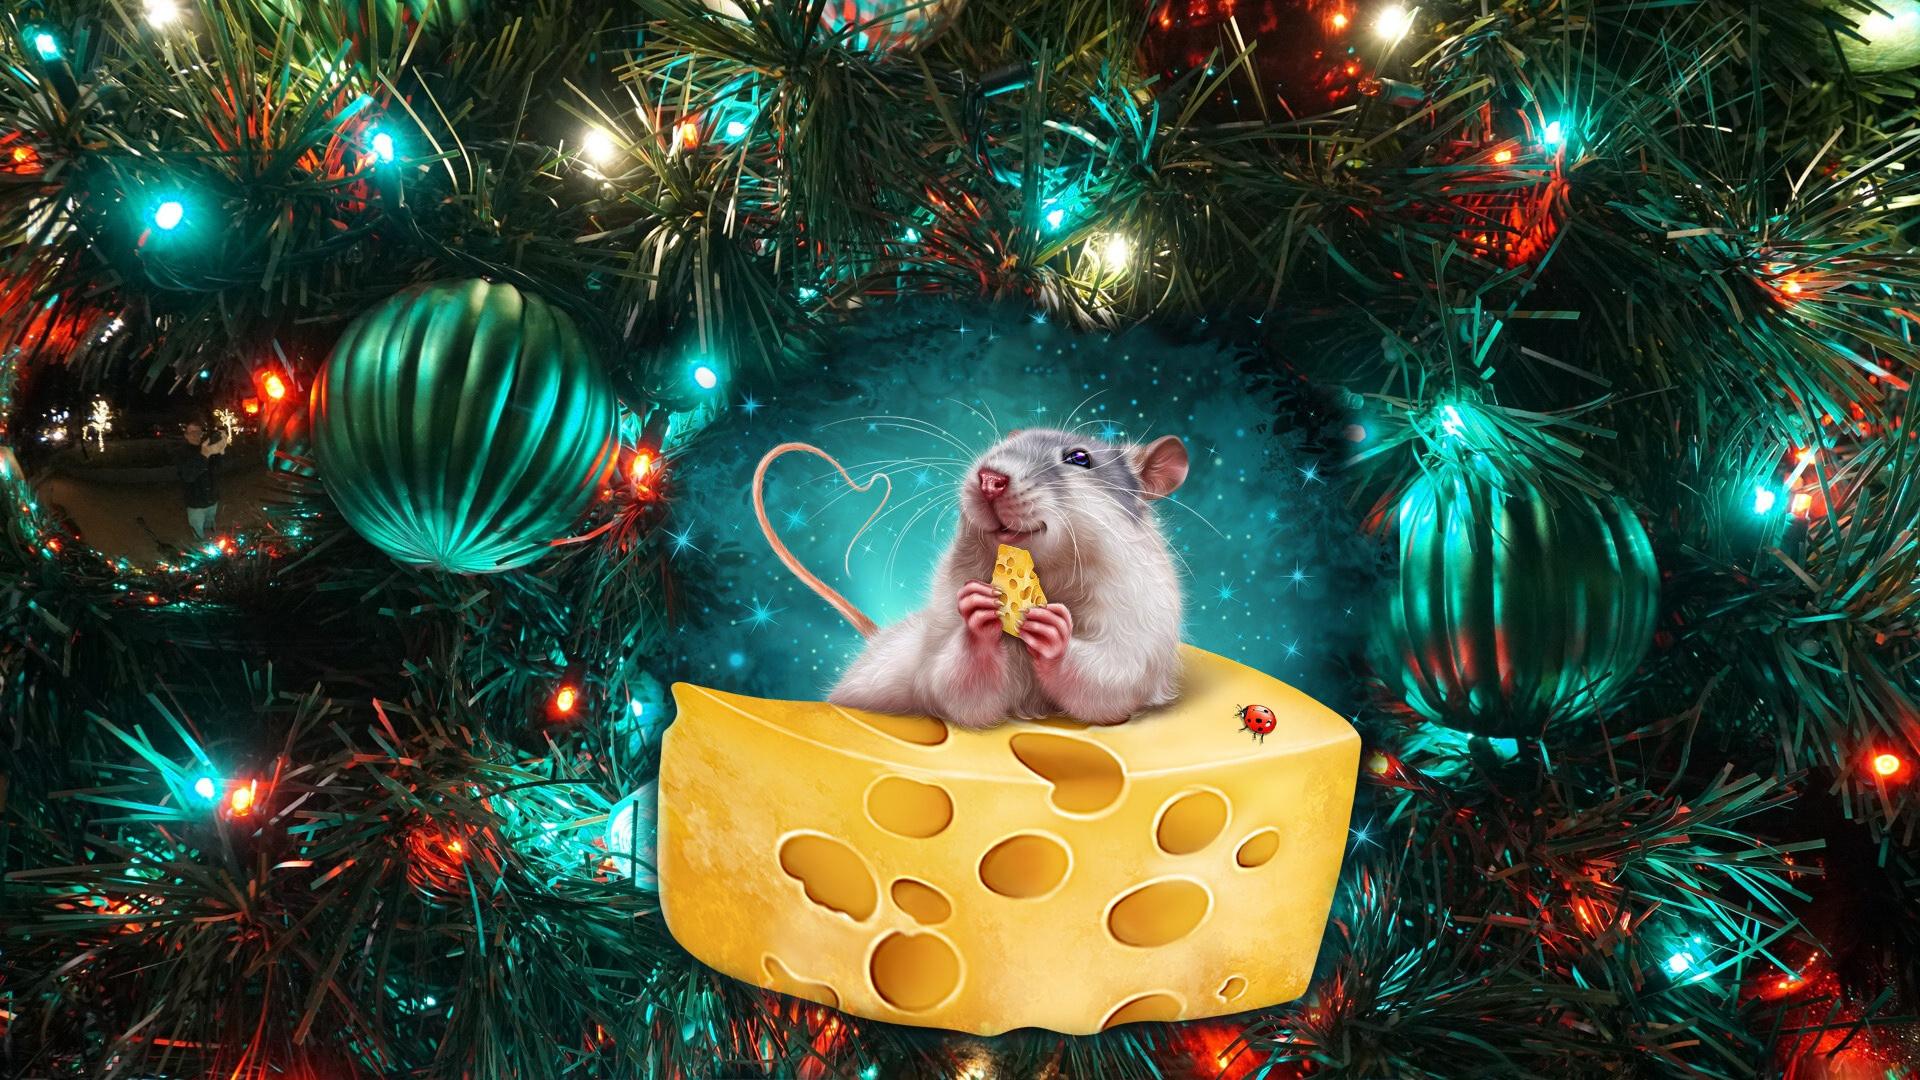 помощью новогодние обои на рабочий стол год мыши снизу вверх, начиная